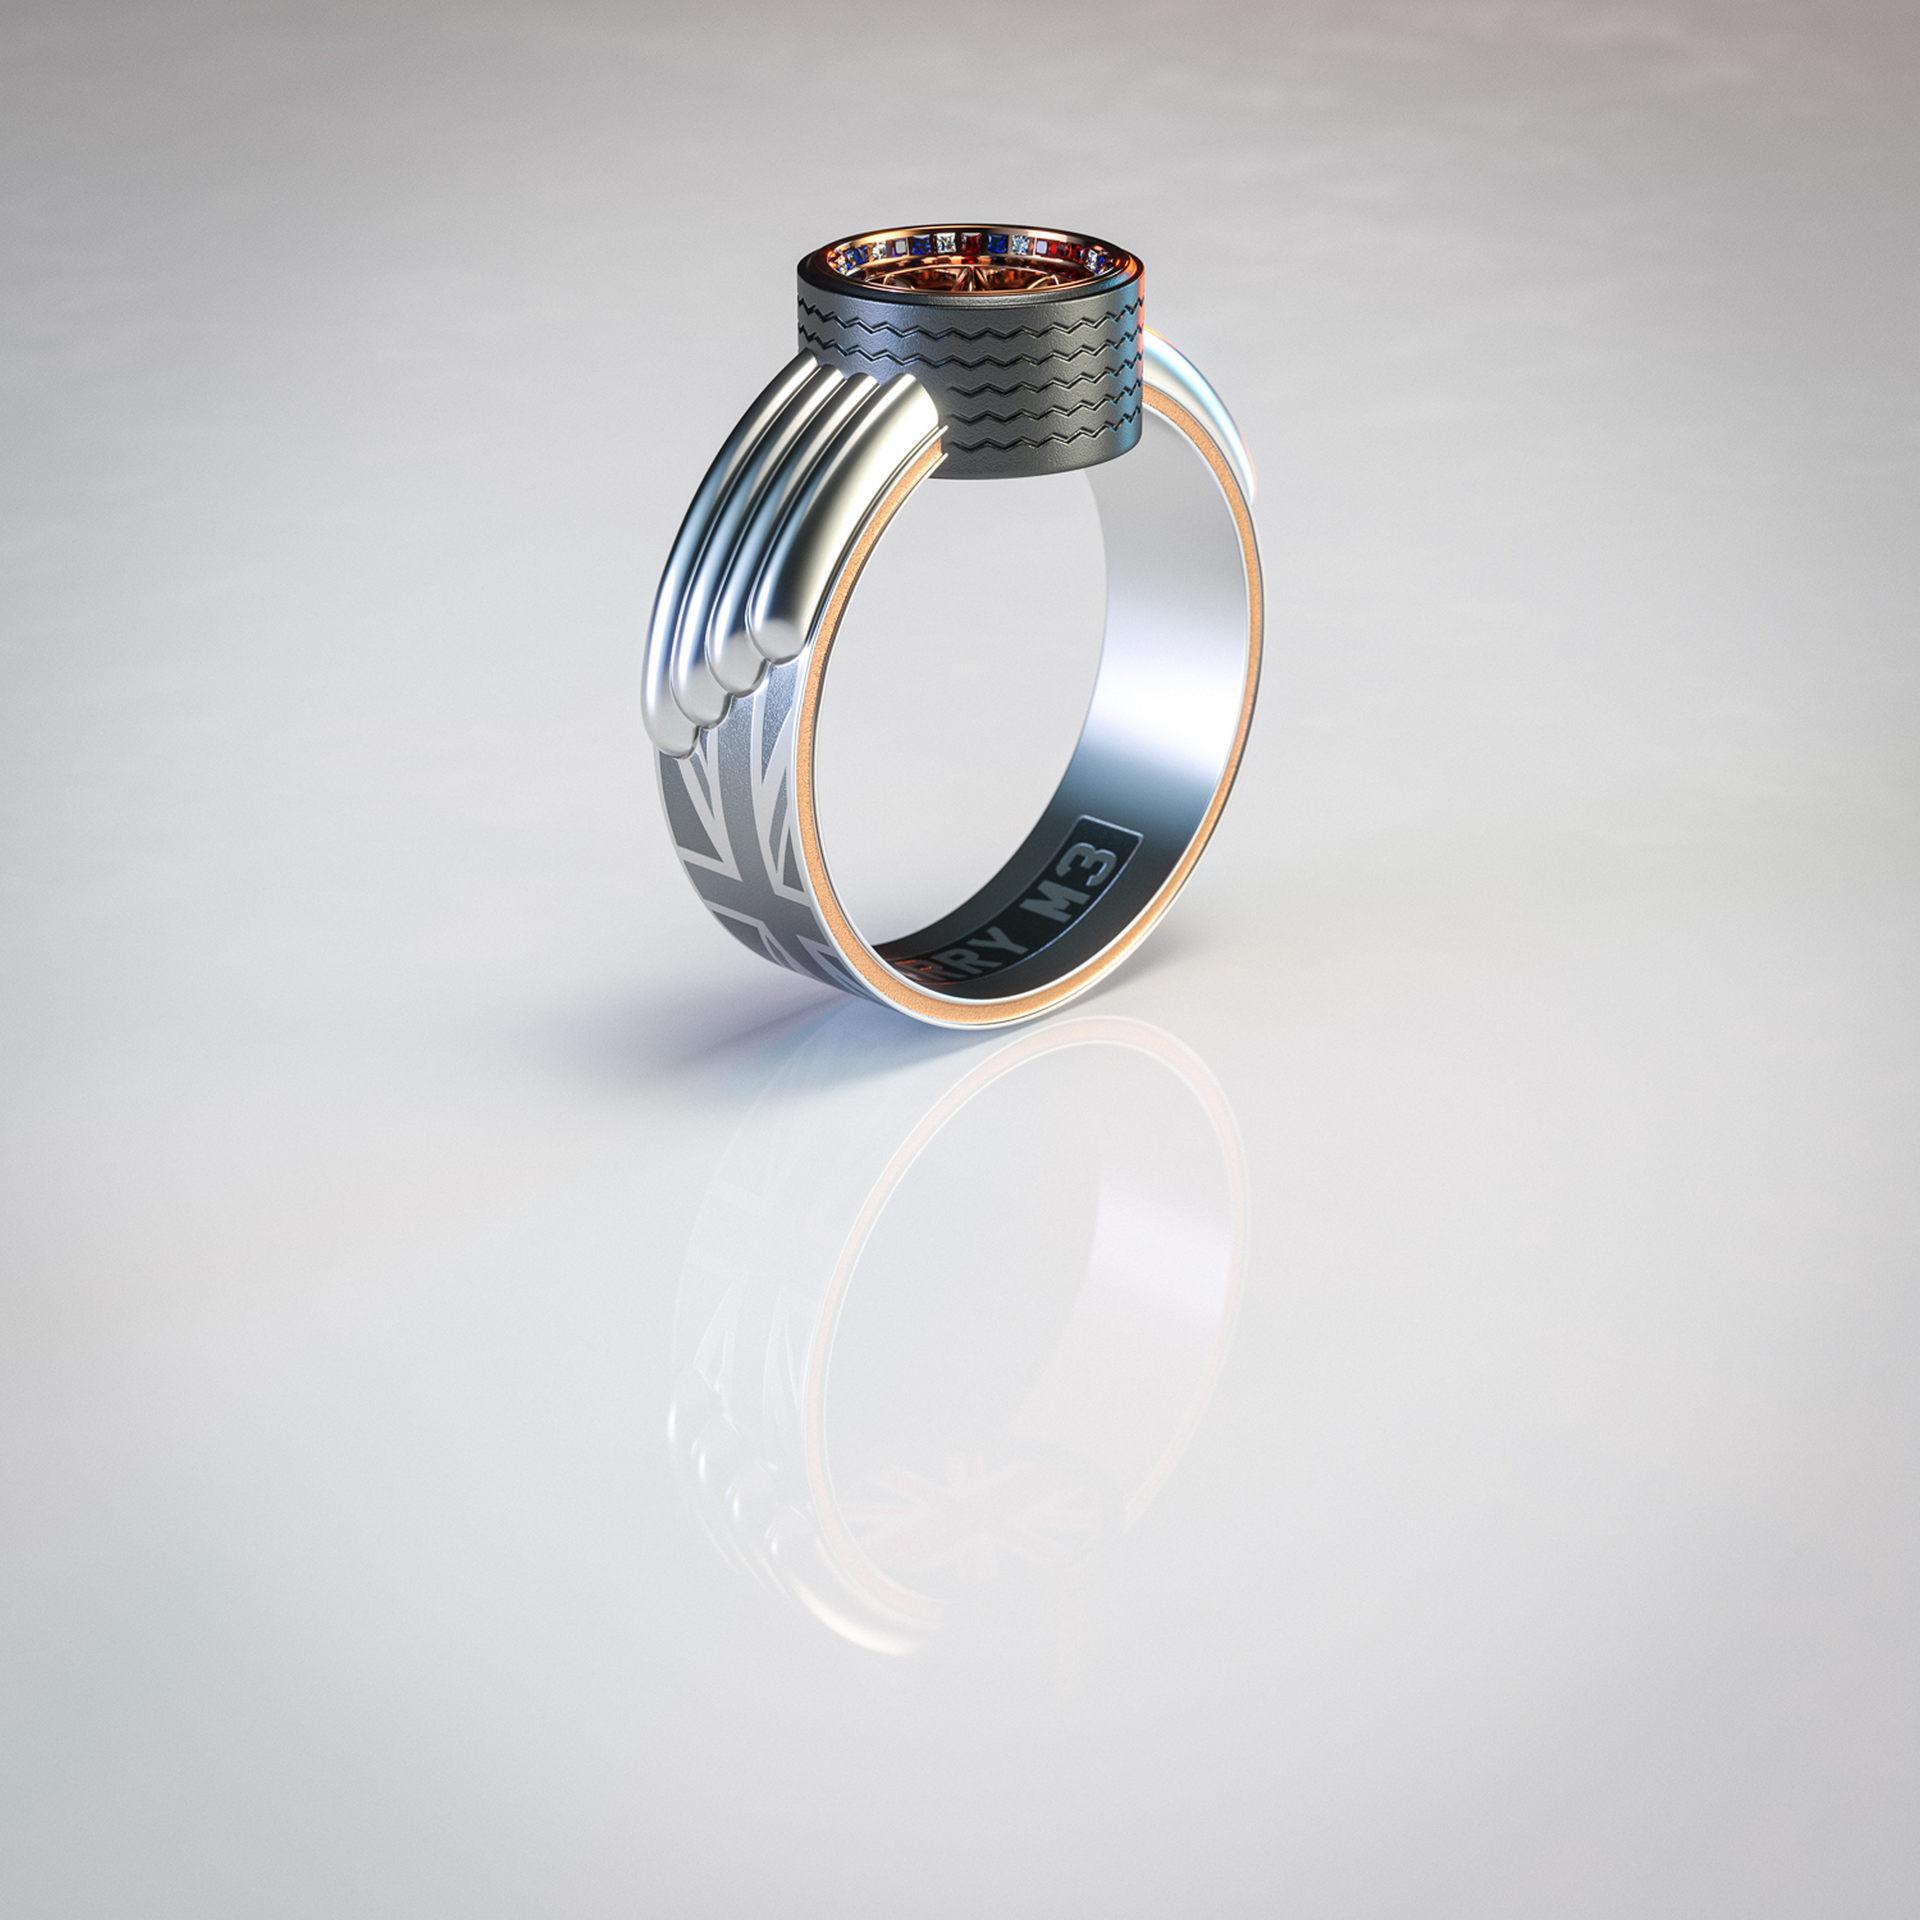 Akár drága eljegyzési gyűrűként is végezhetik a kidobott katalizátorok 4